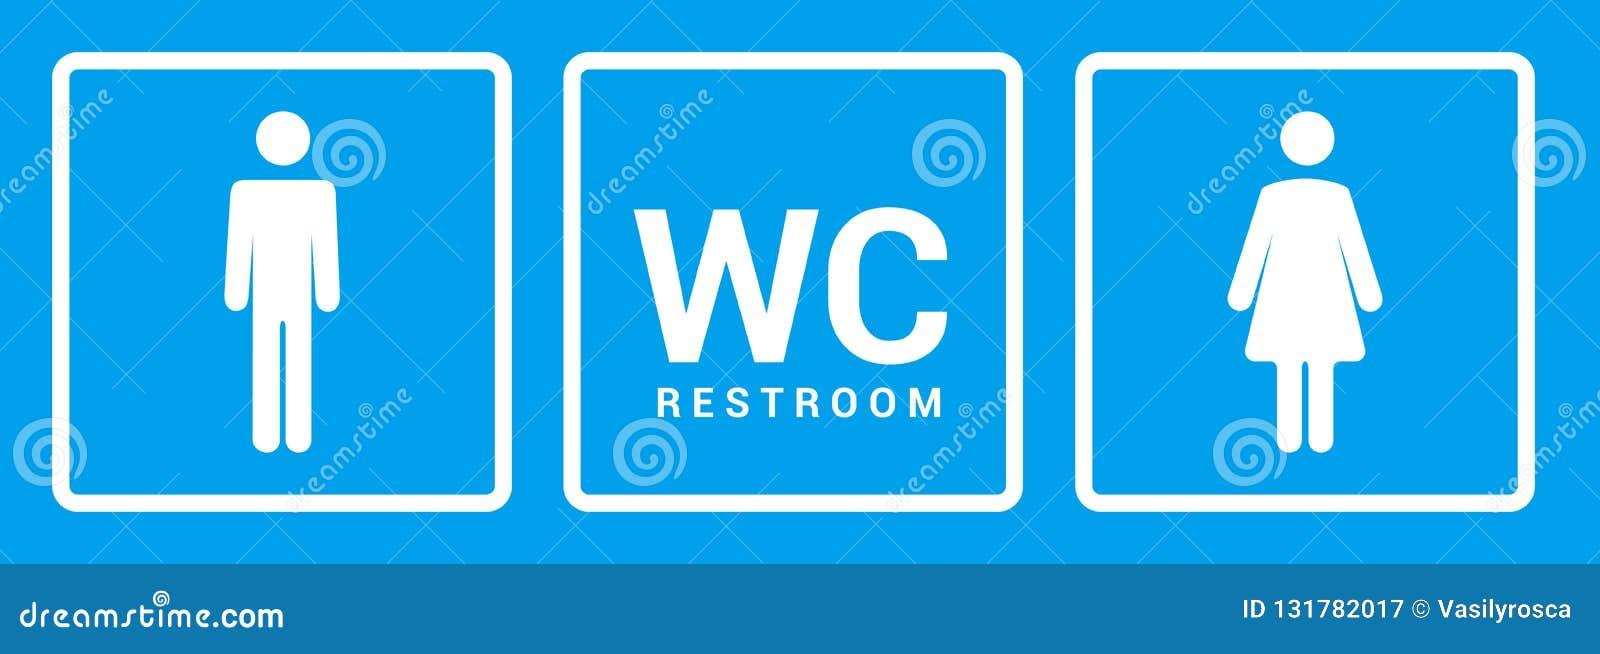 Salle de bain en ligne datant